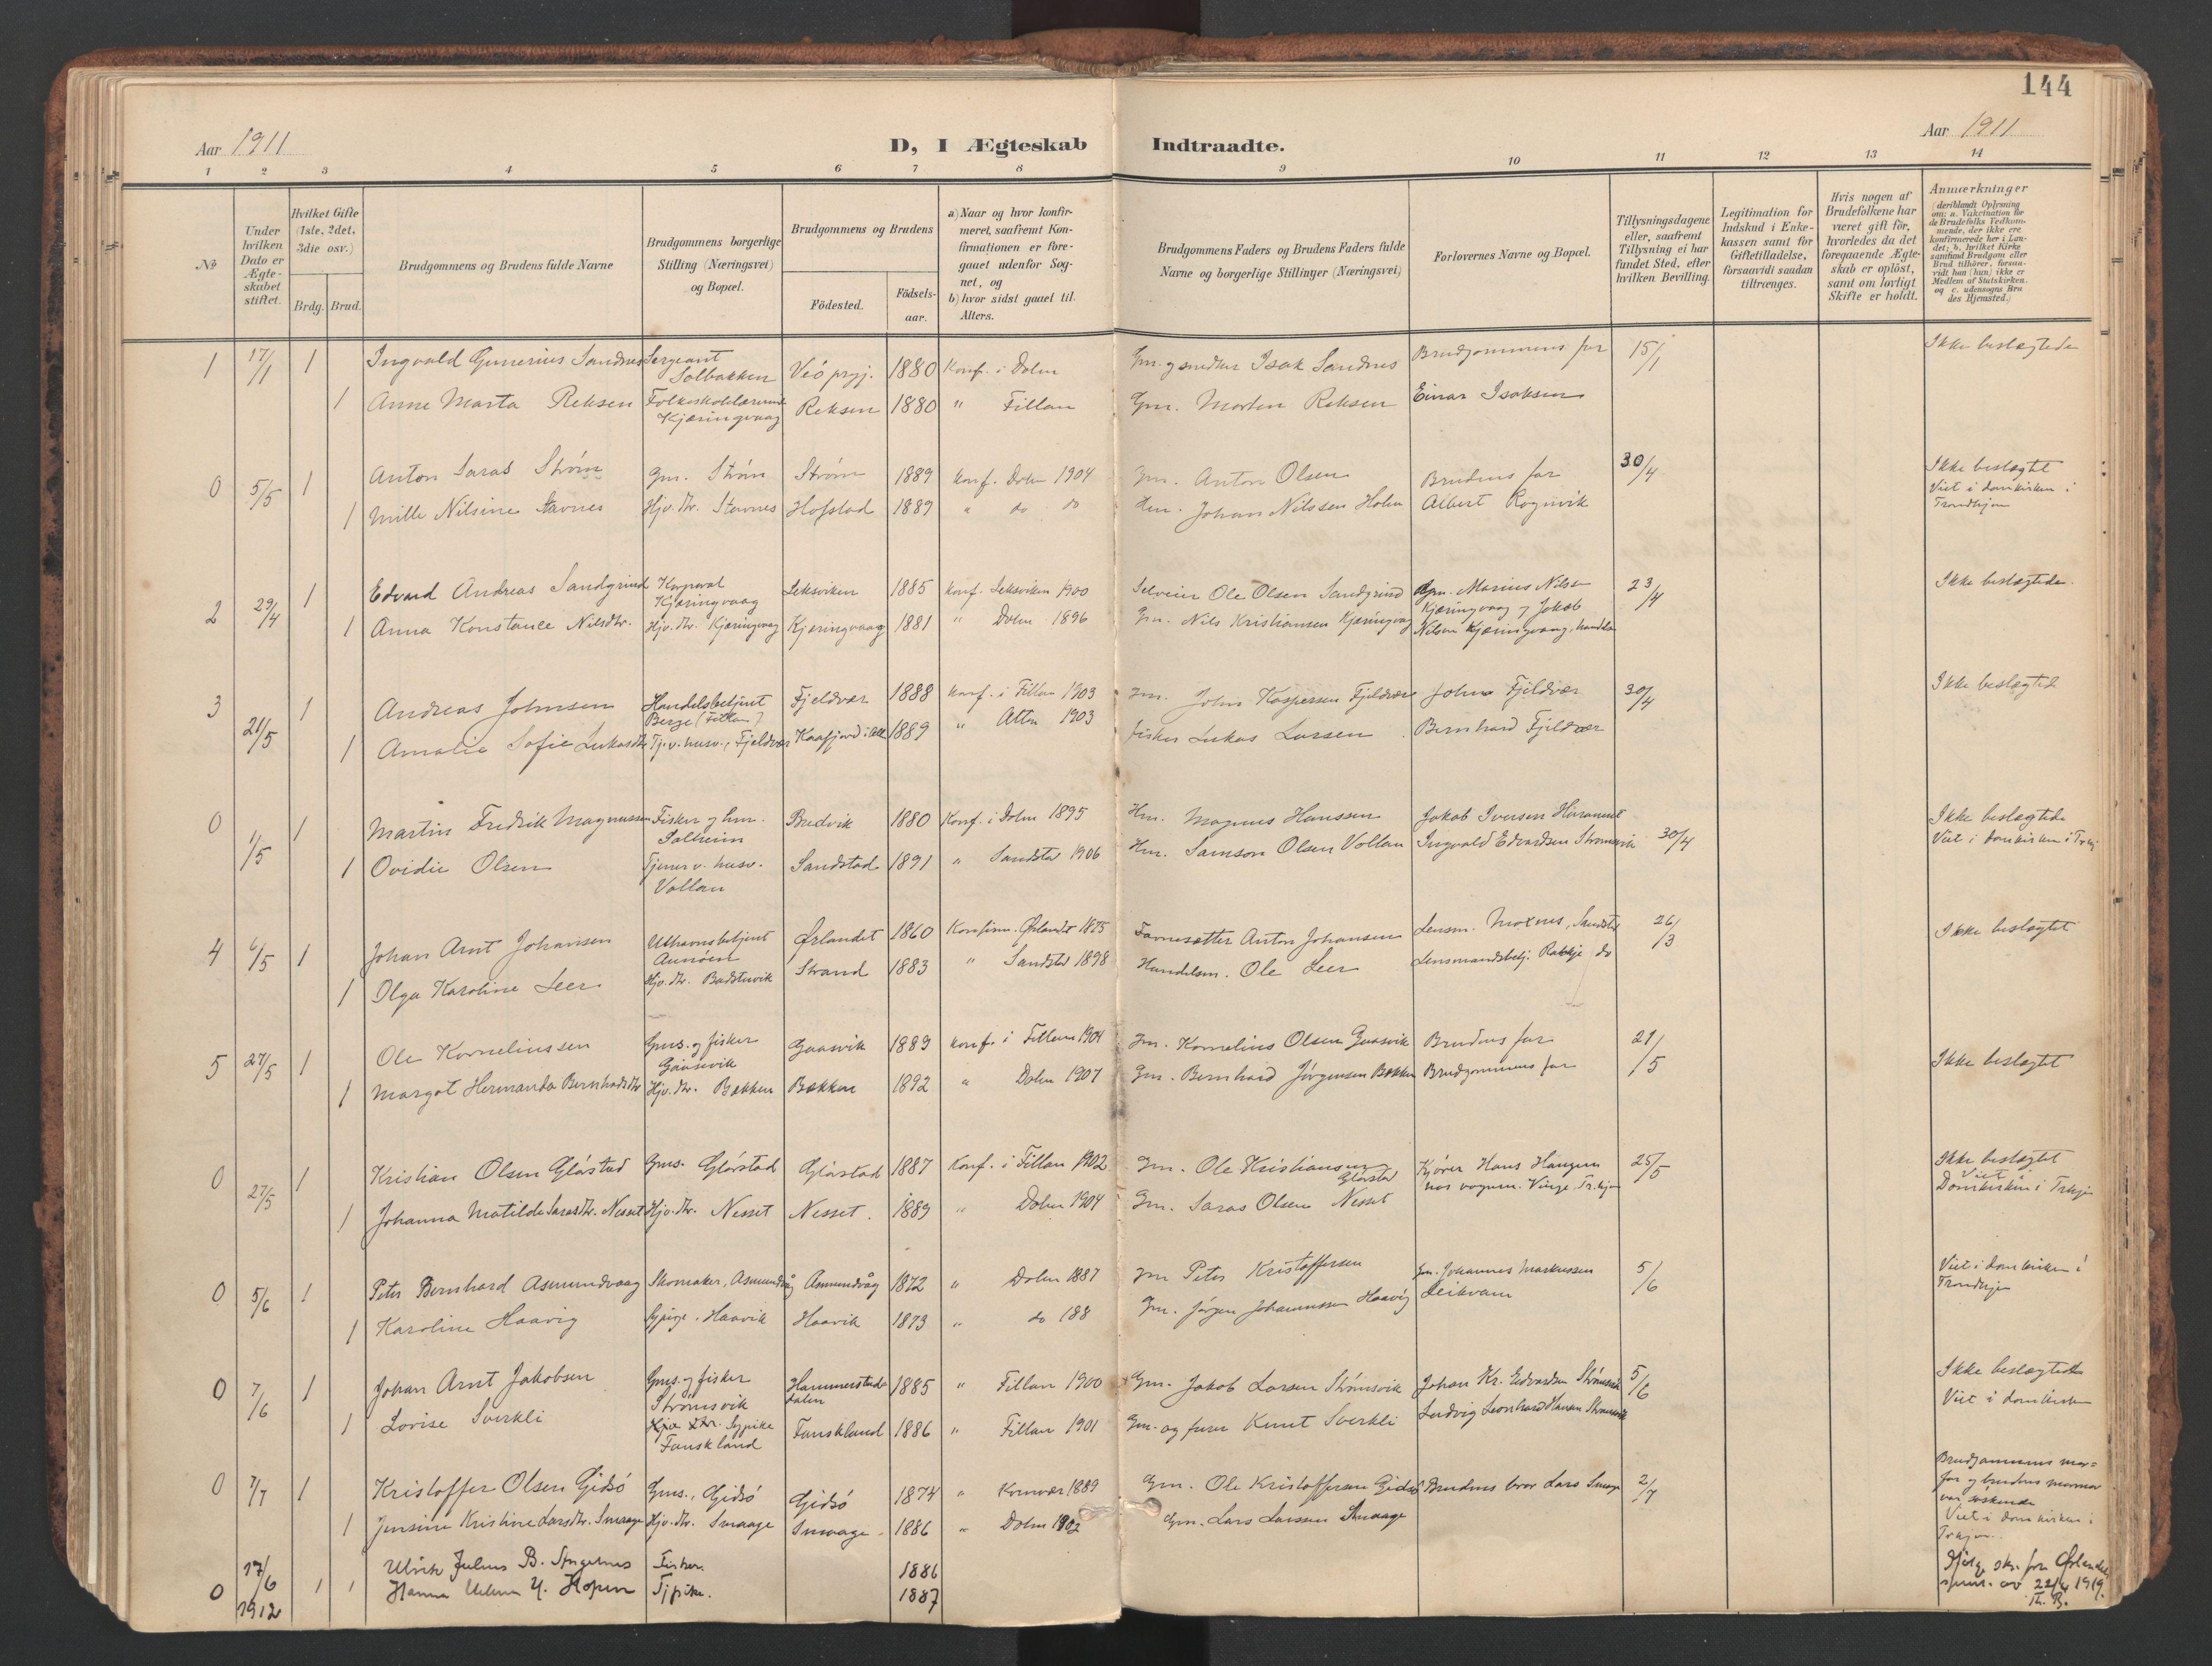 SAT, Ministerialprotokoller, klokkerbøker og fødselsregistre - Sør-Trøndelag, 634/L0537: Ministerialbok nr. 634A13, 1896-1922, s. 144